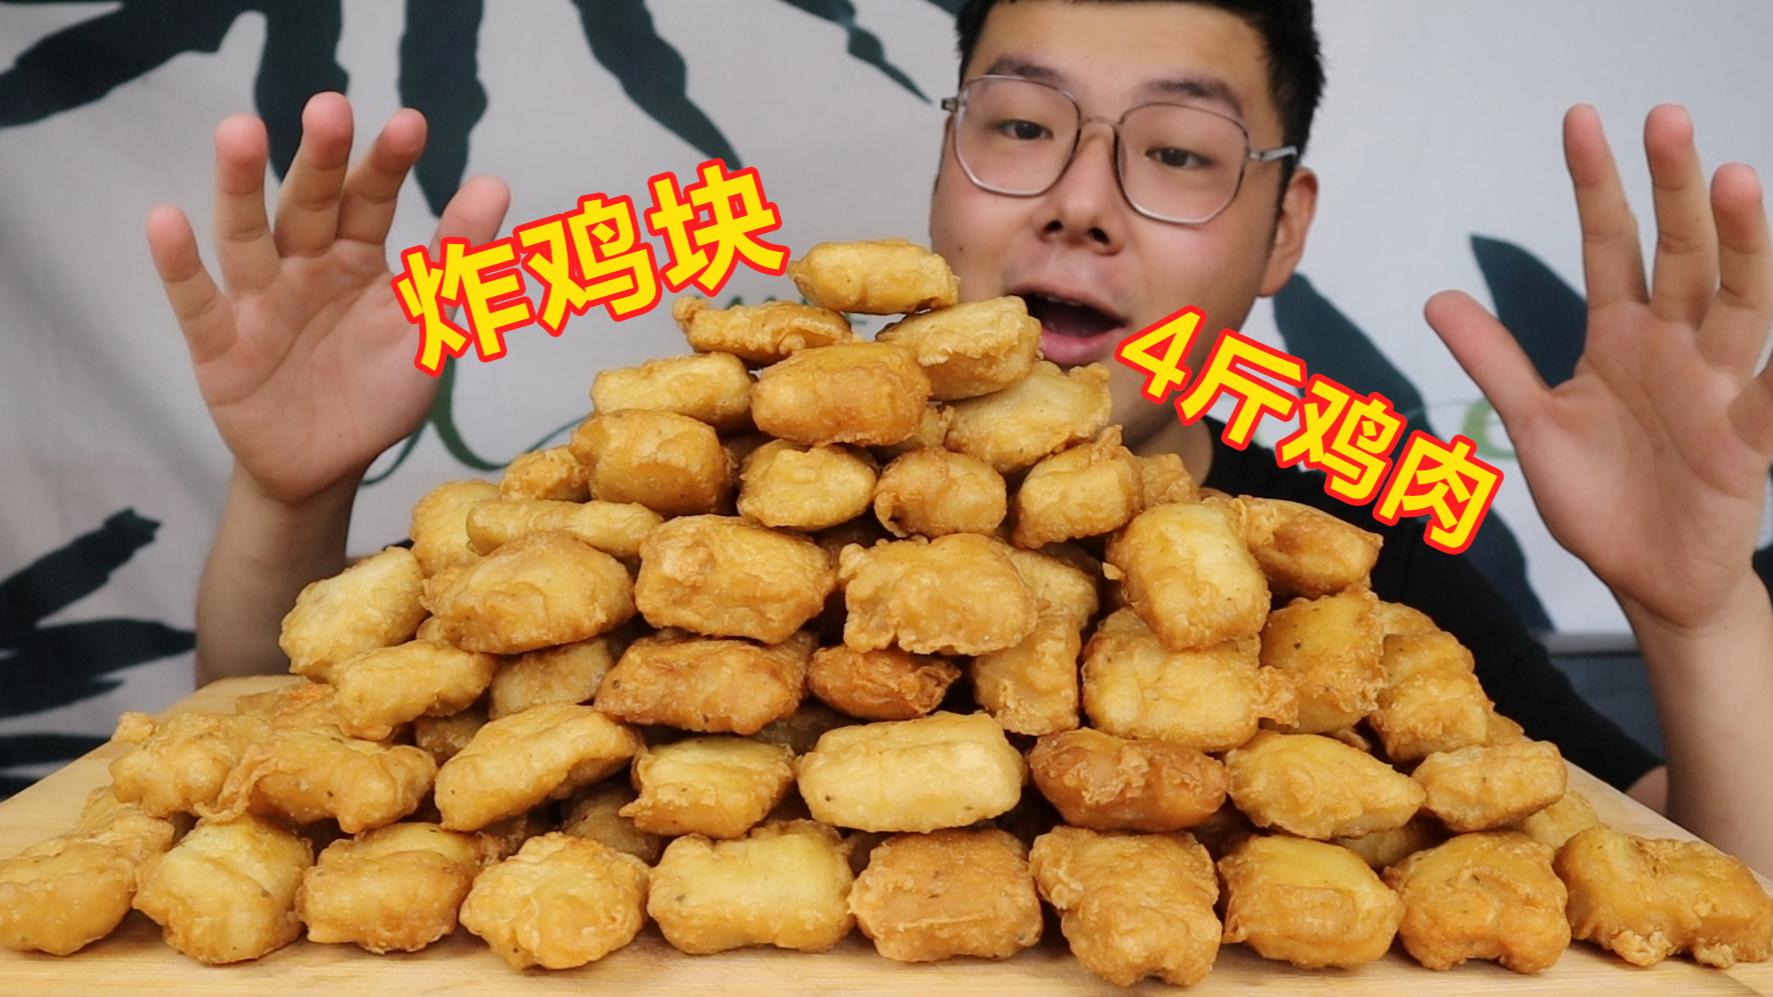 4斤鸡肉能做多少炸鸡块?在肯德基花300元都买不到这么多!